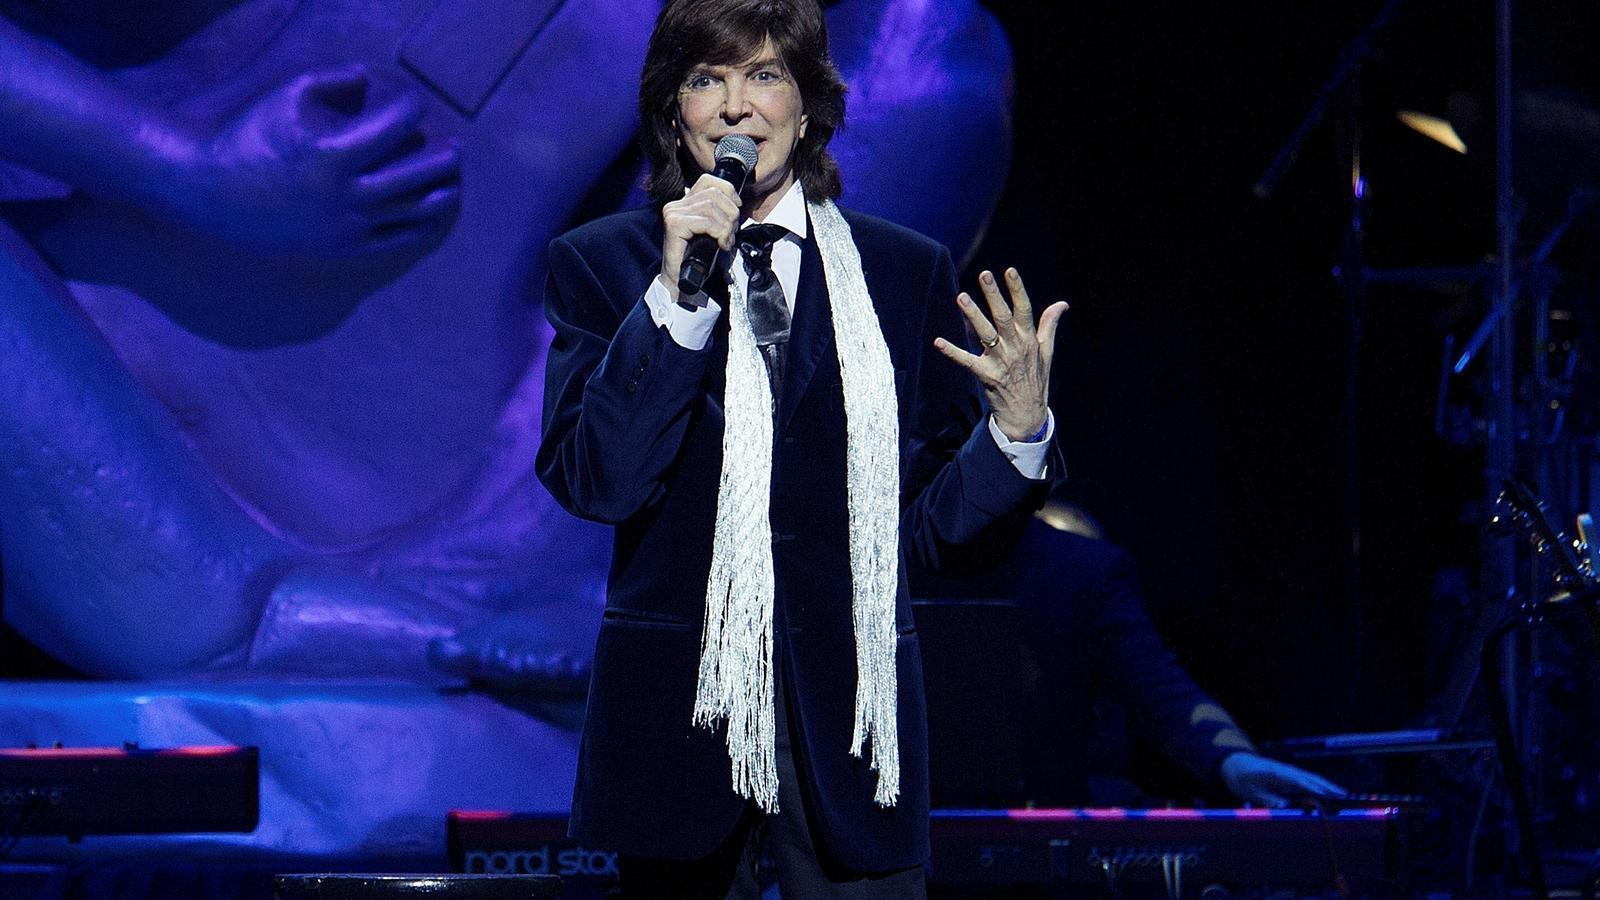 'Vivir así es morir de amor', i quatre cançons més de Camilo Sesto